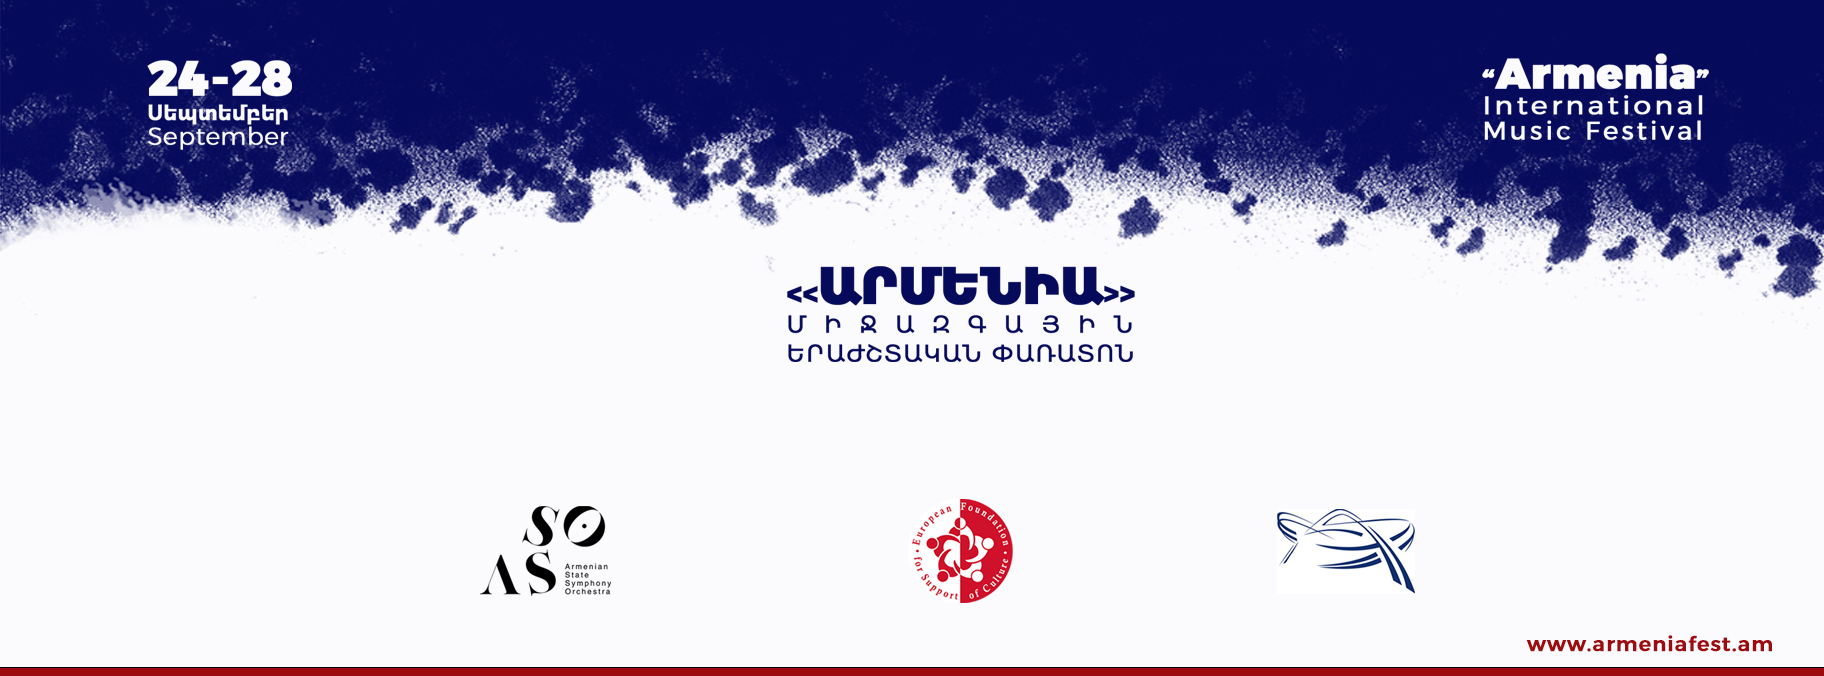 Photo of Երևանում կանցկացվի «Արմենիա» միջազգային երաժշտական փառատոնը